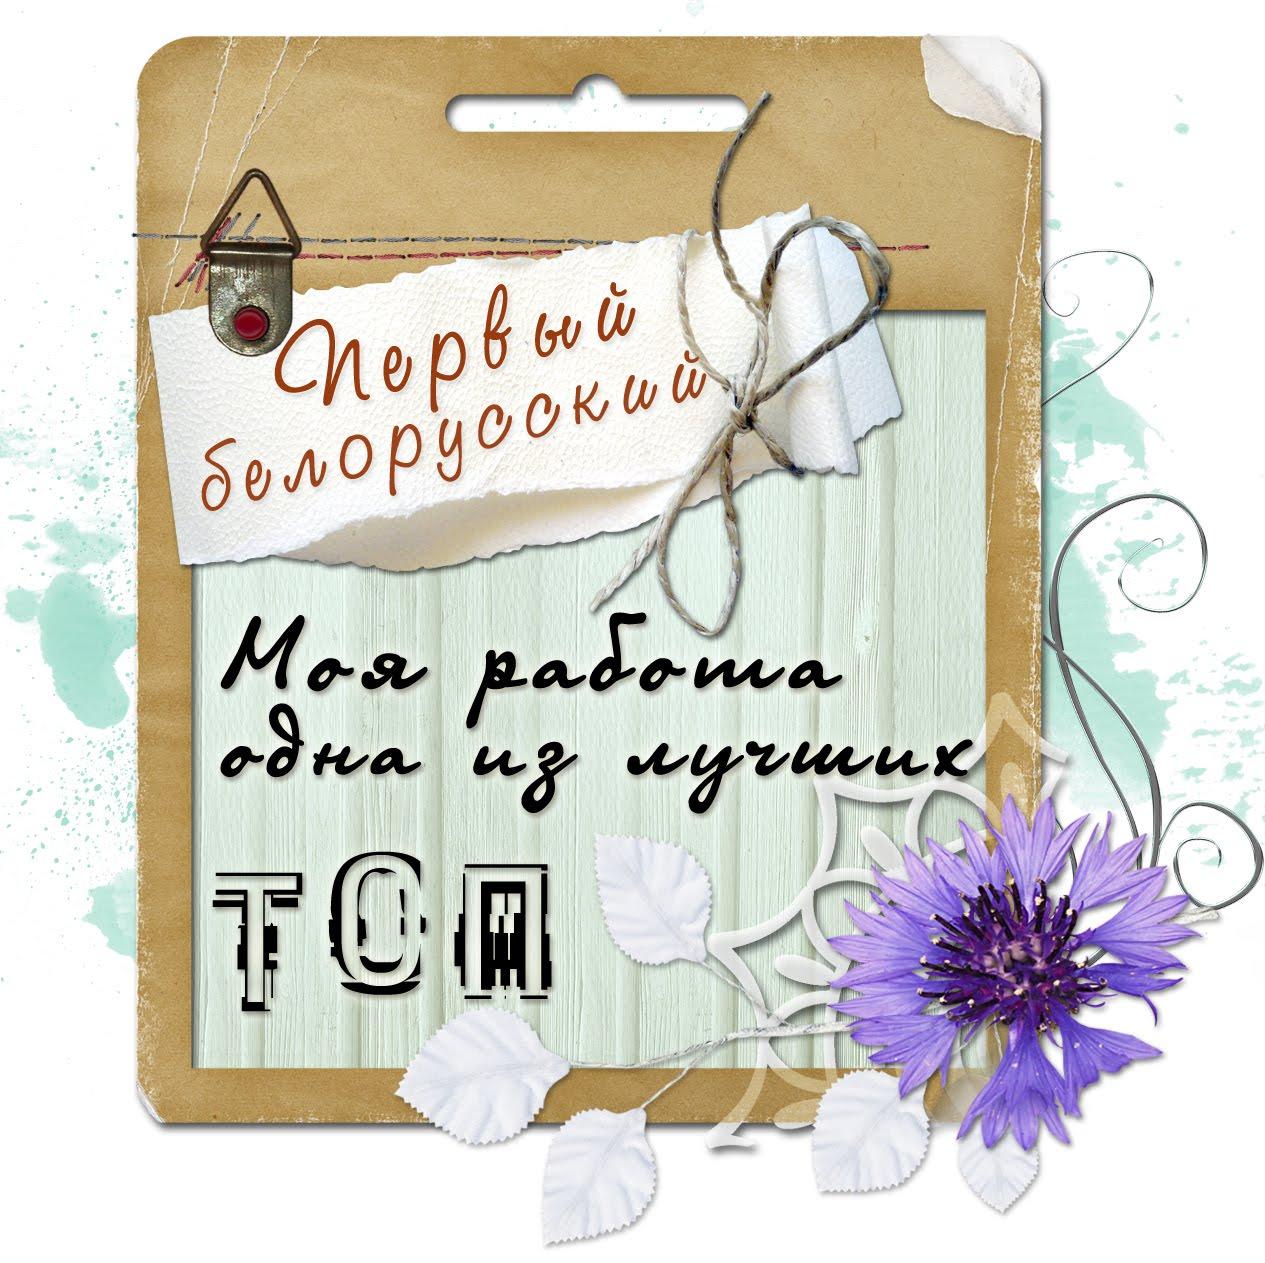 Топ от Первого белорусского